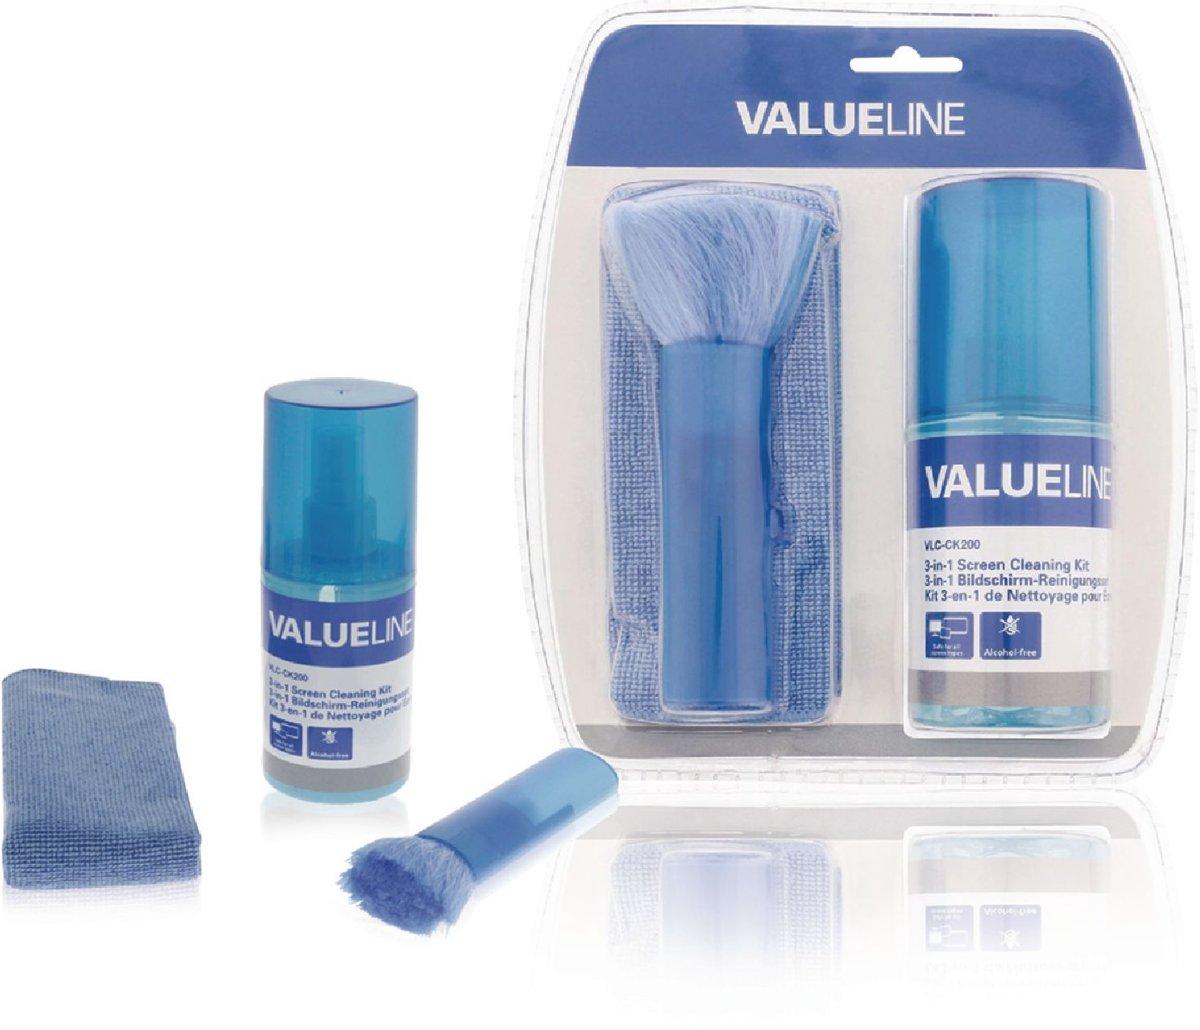 Valueline 3 in 1 schermreinigings set 35 ml vloeistof doek borstel vlc ck100 5412810232864 - Doek voor tuinborstel ...